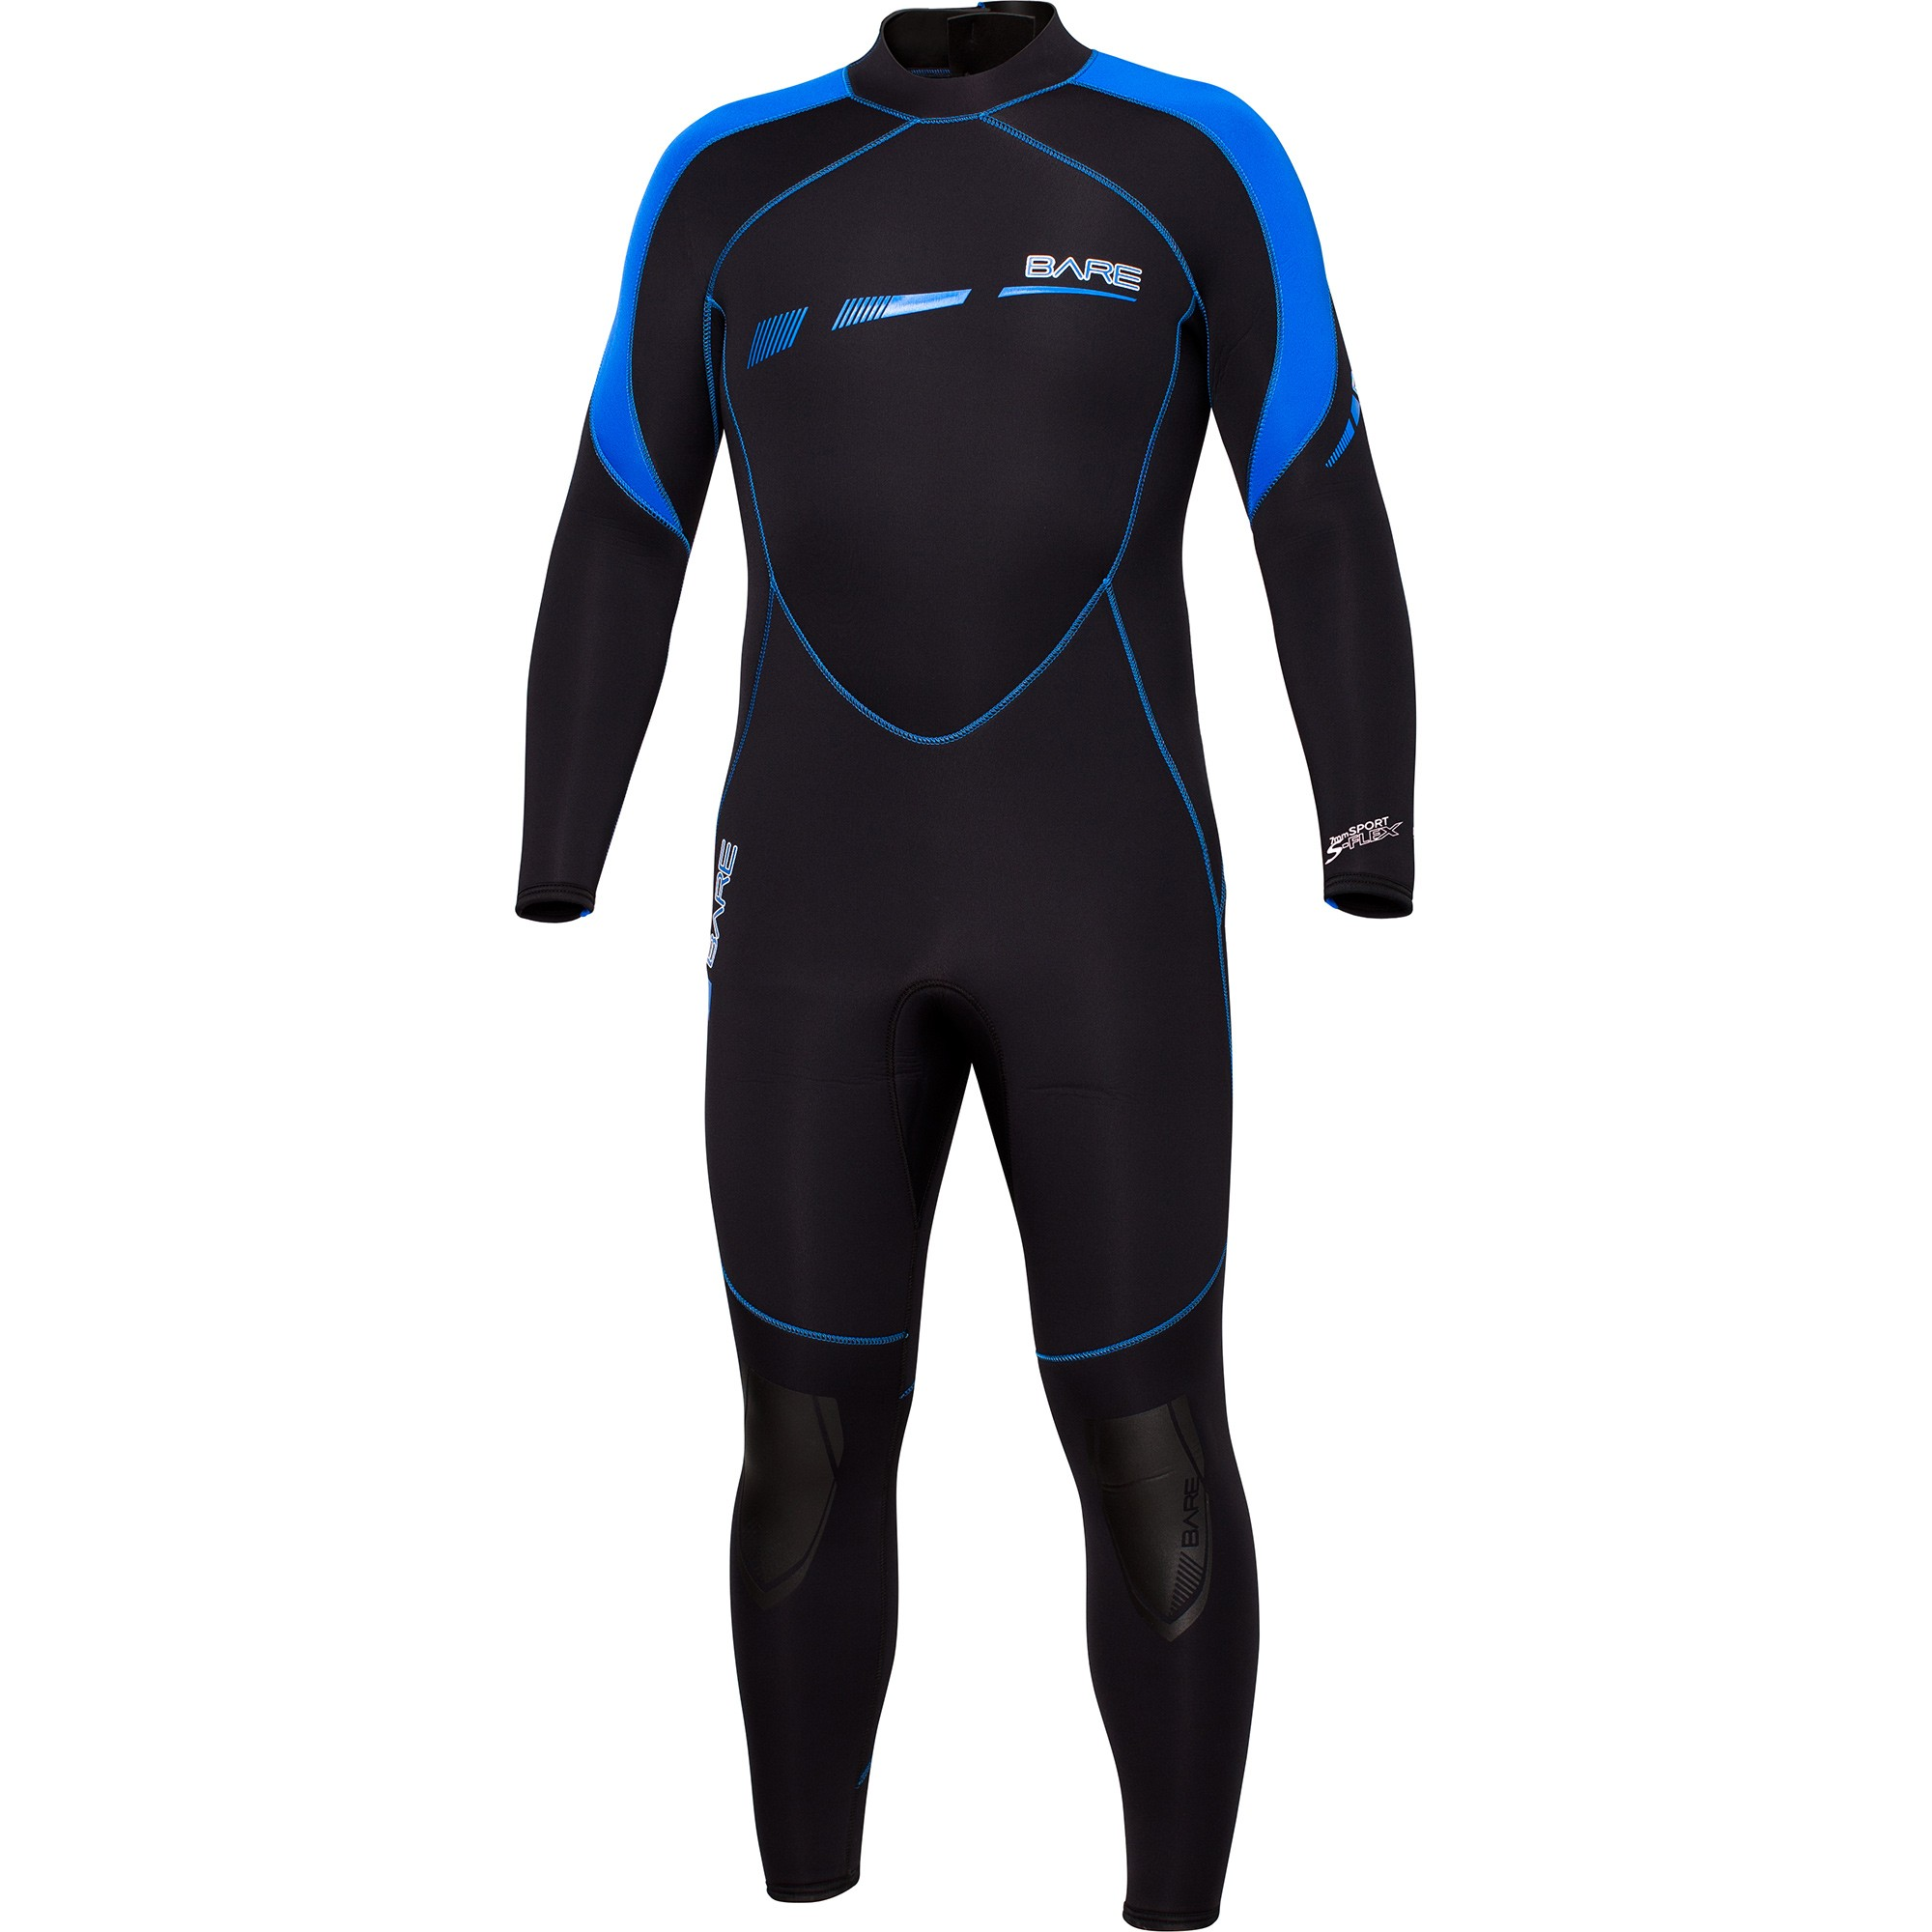 BARE Sport S-Flex 7MM Full Wetsuit Front